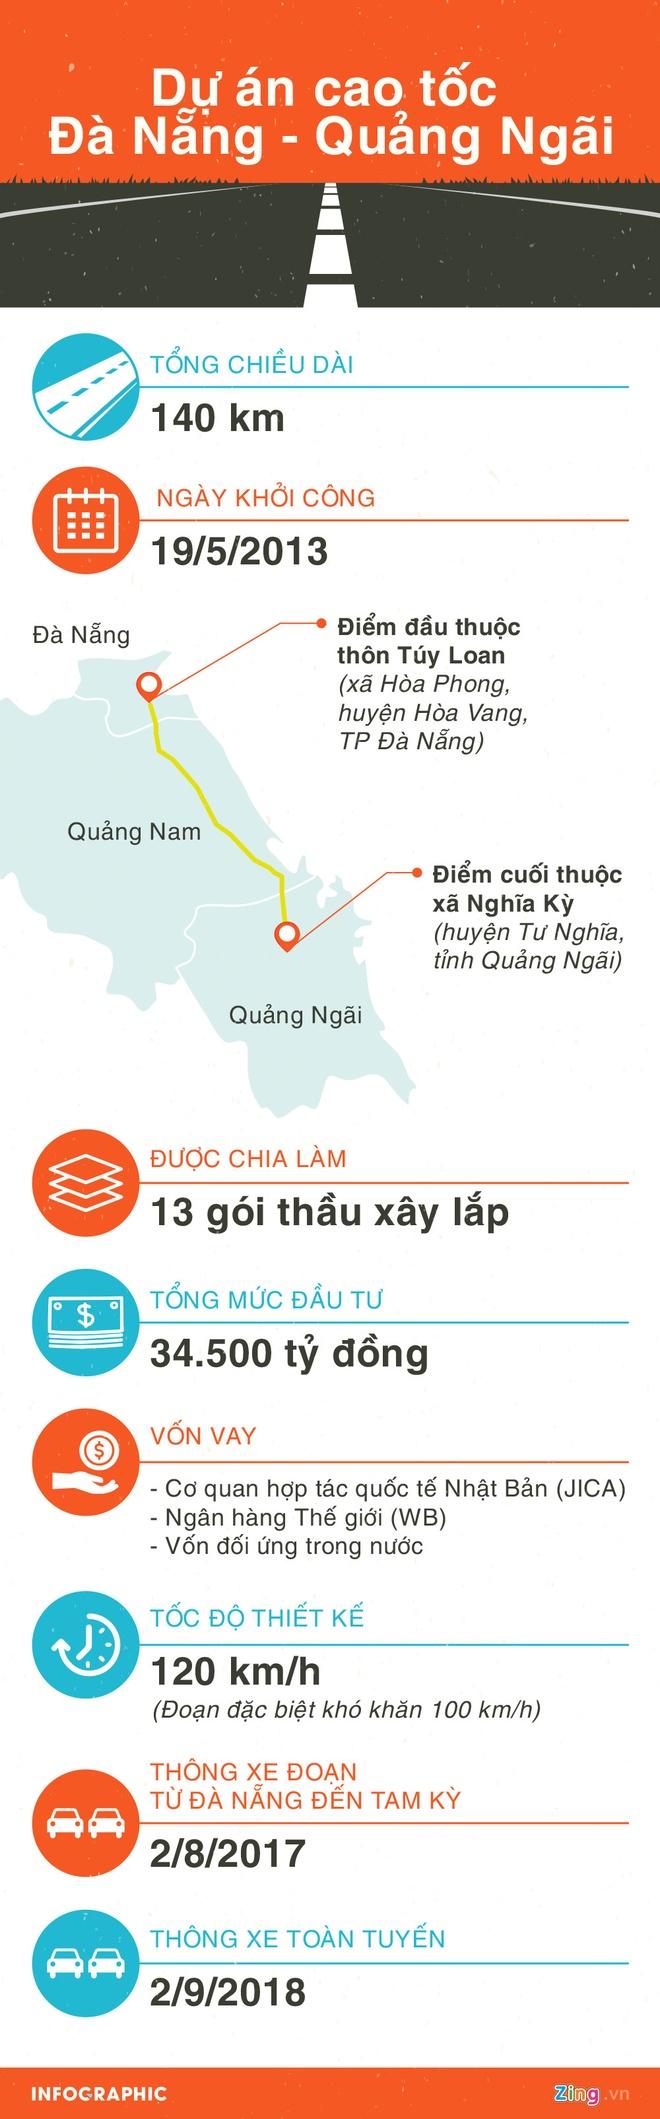 De nghi Quoc hoi lam ro vu cao toc 34.500 ty vua lam xong da hong hinh anh 3